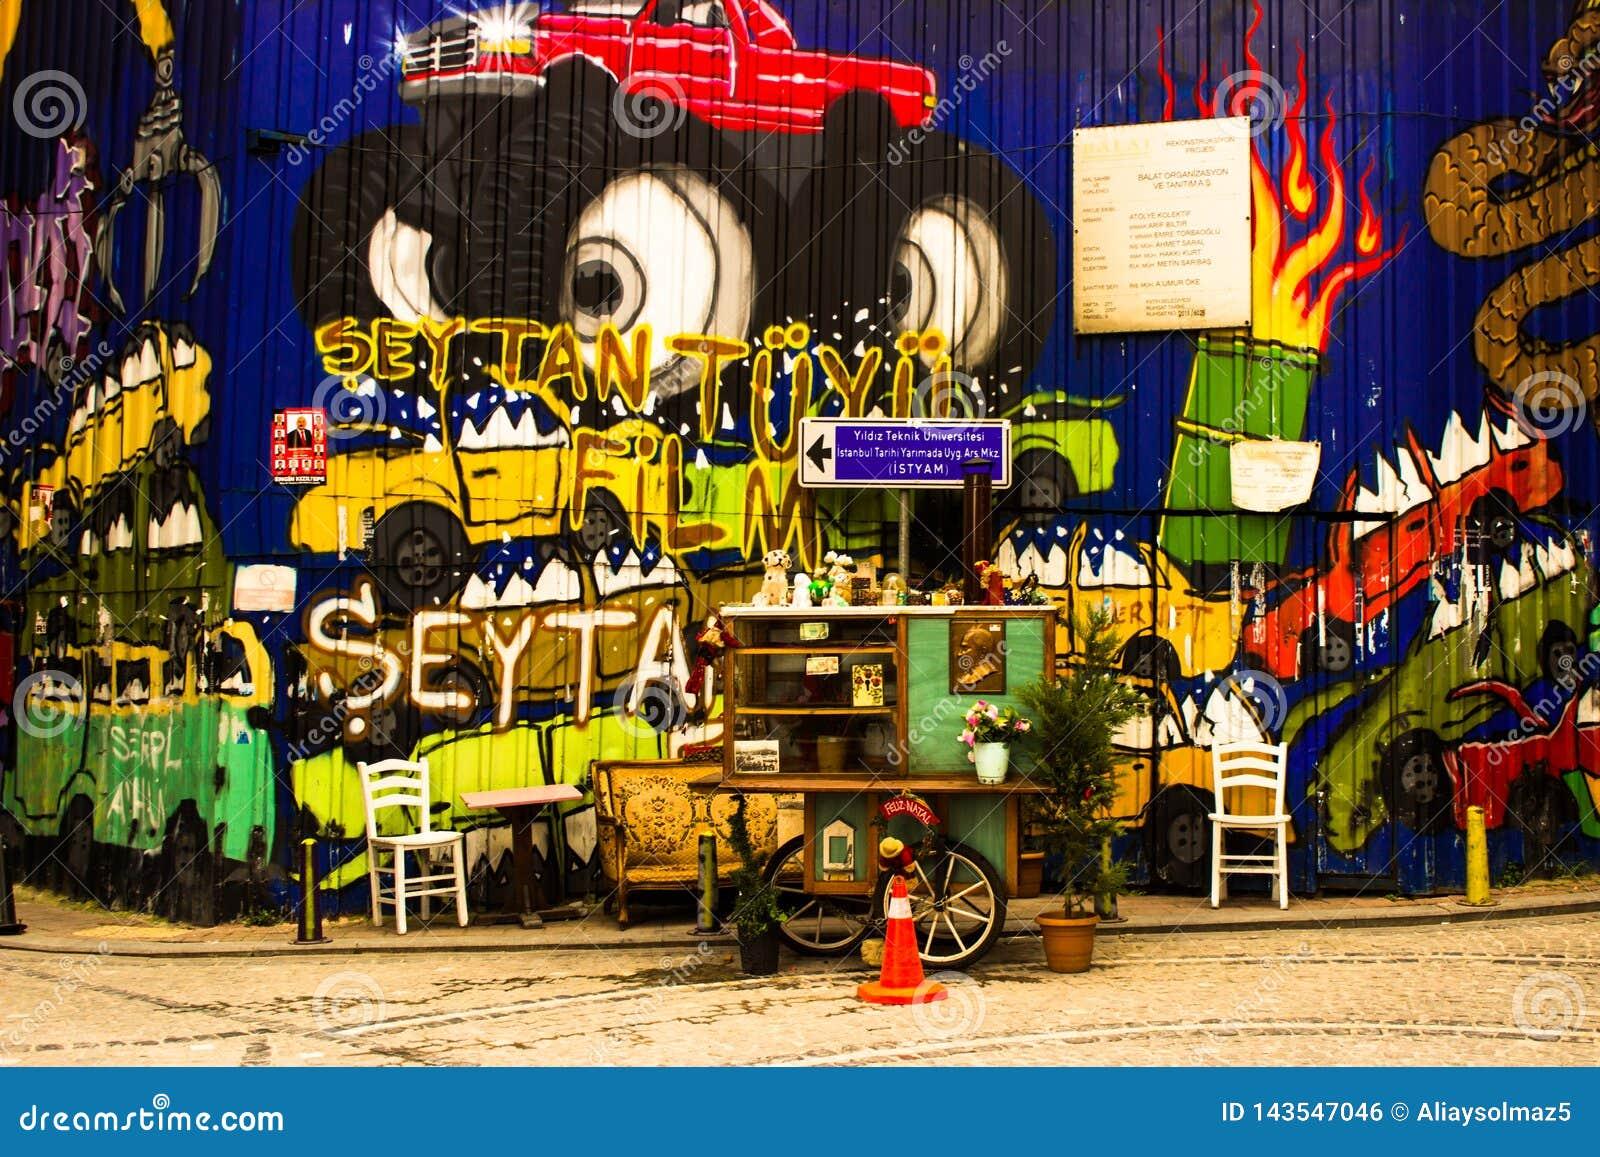 Istanbul, Balat / Turkey - March.30.2019, Street Art Graffiti - Street Food Vendor